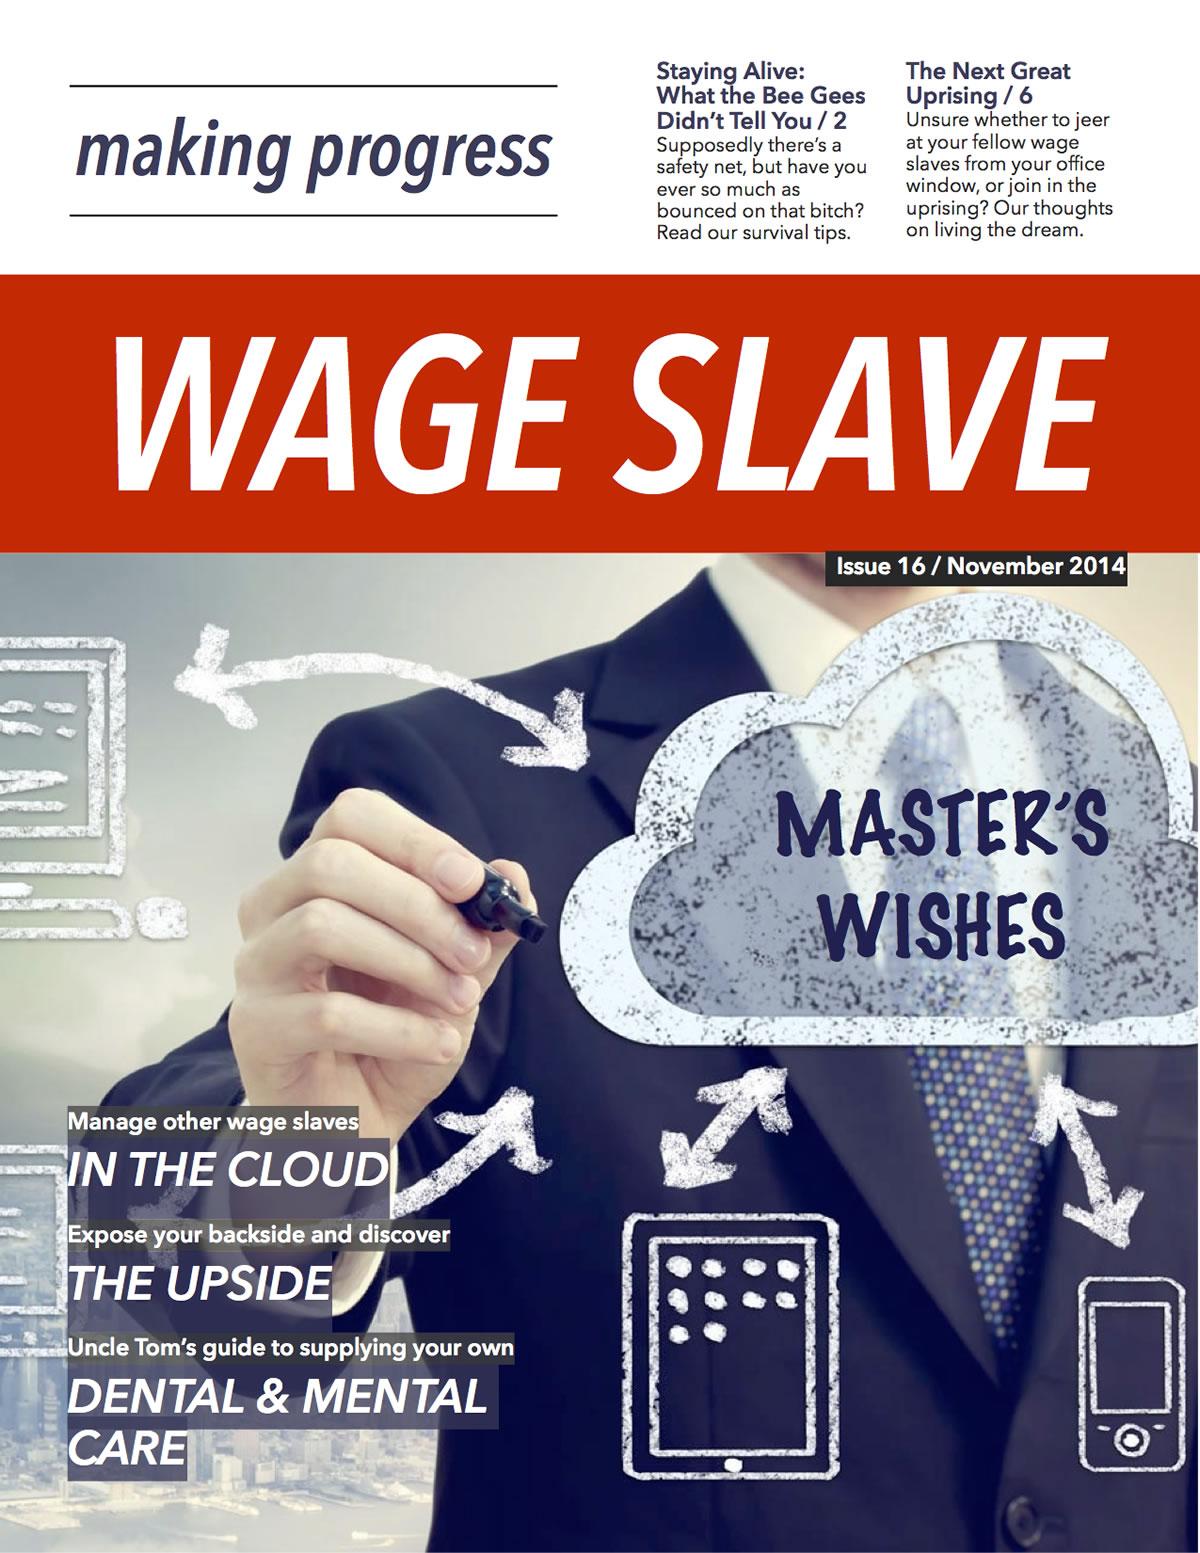 wage-slave-erich-origen